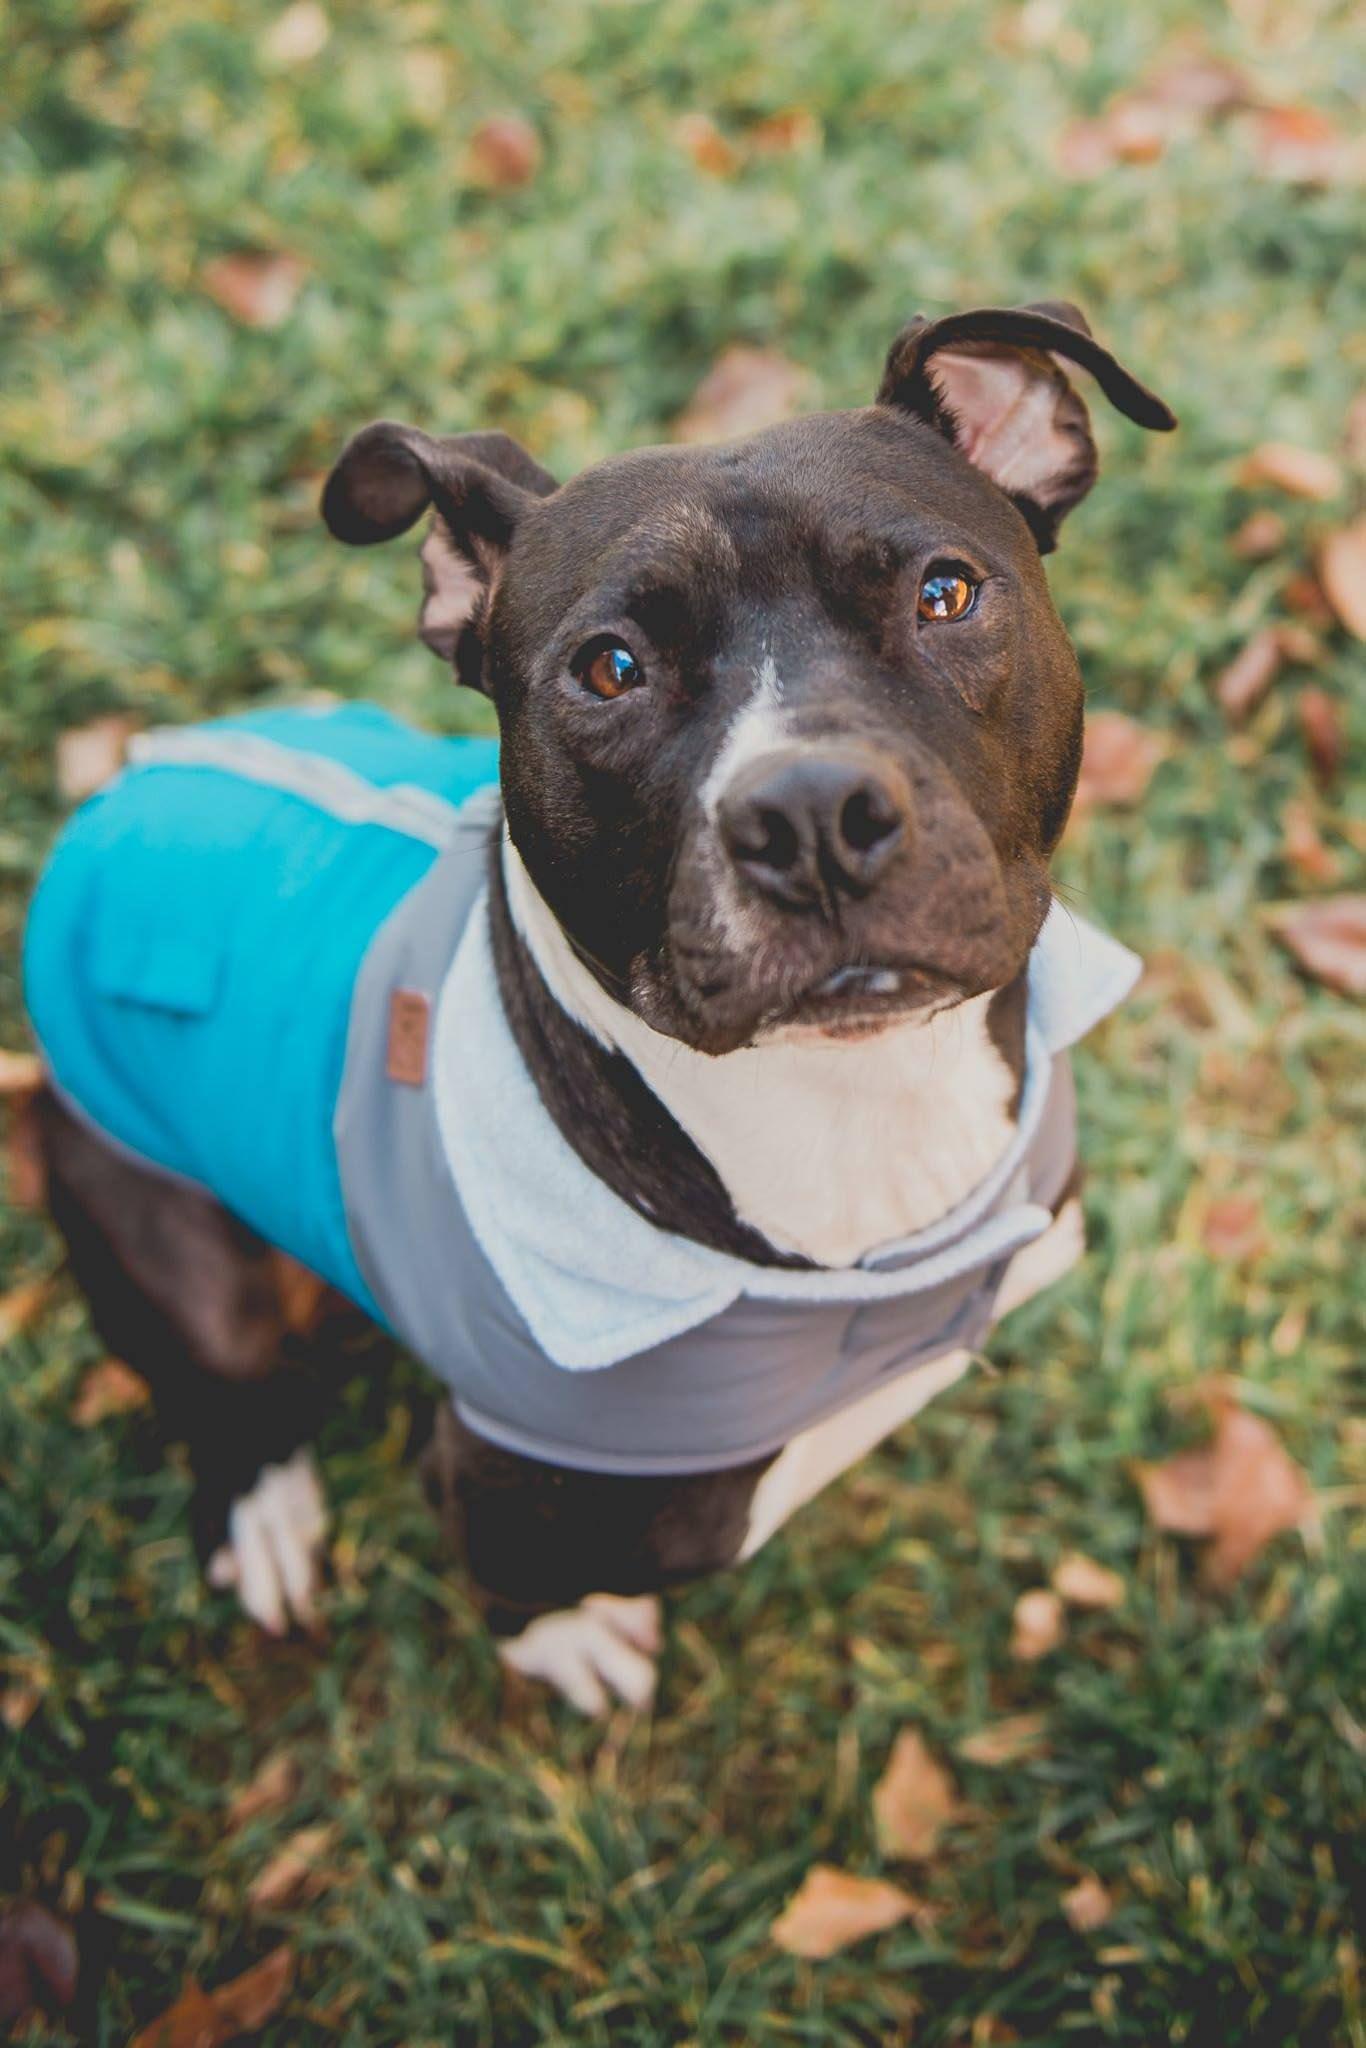 Boston Terrier Pitbull Mix for Adoption